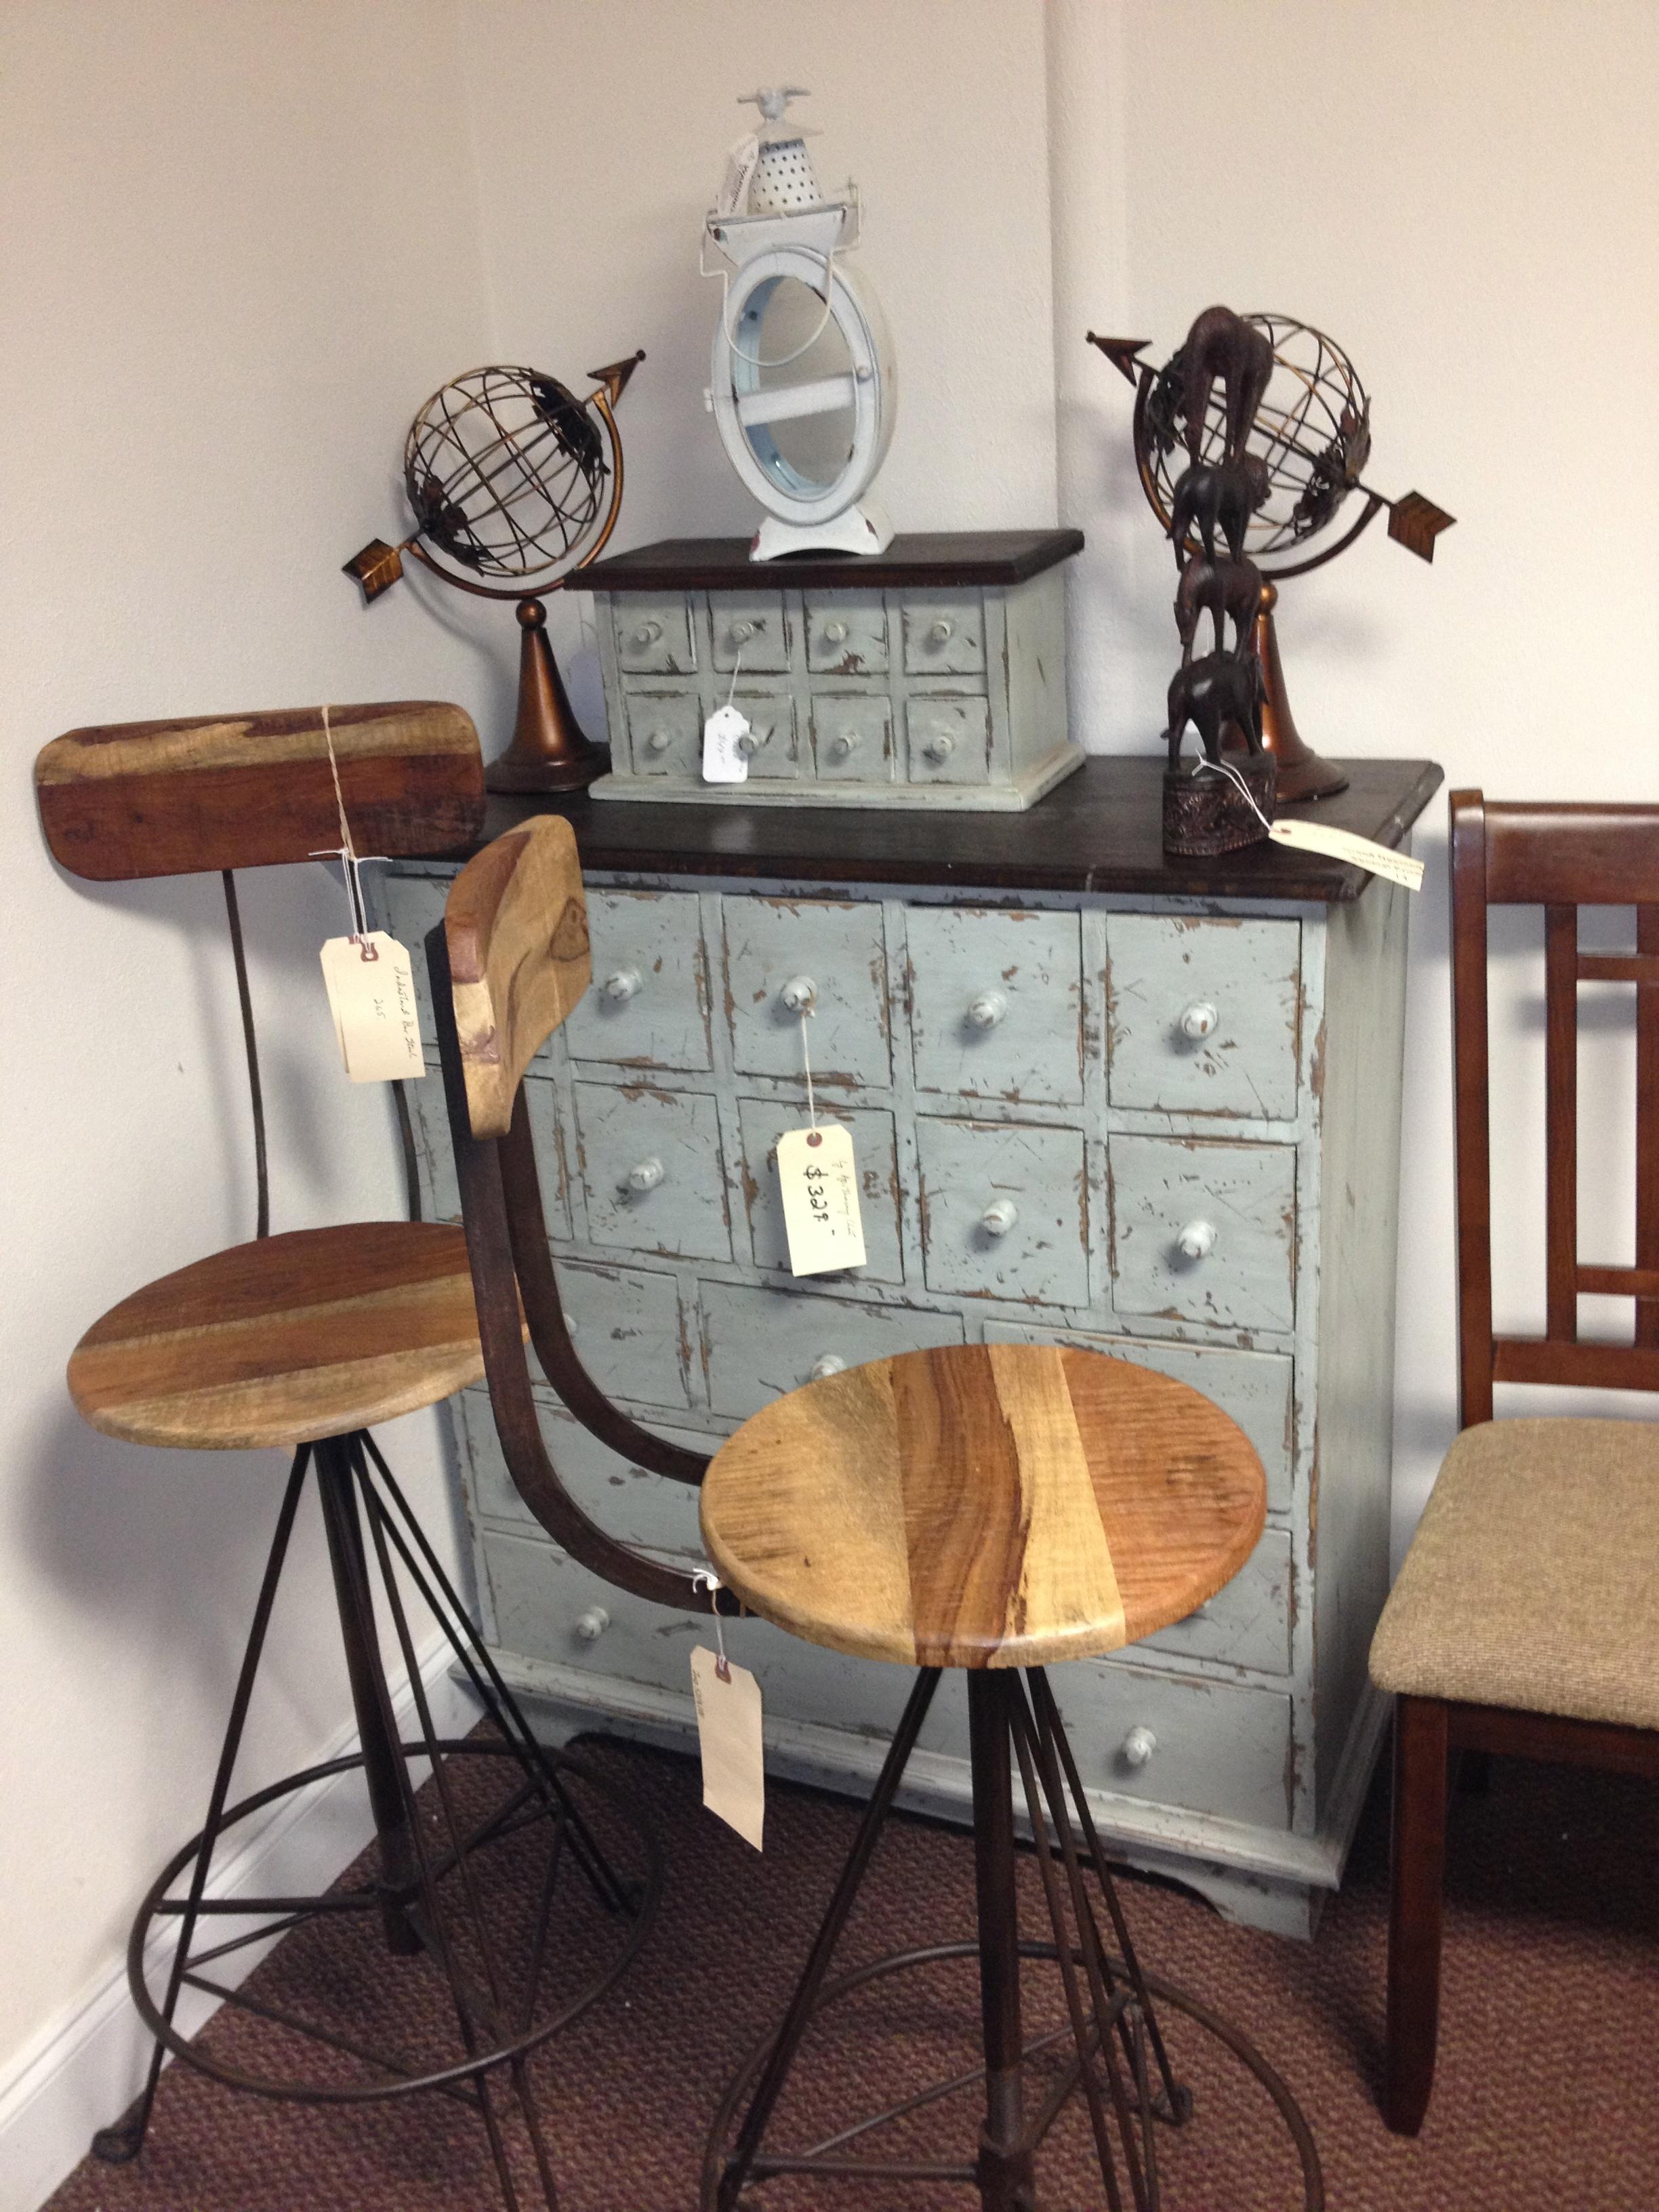 Cool Stuff Furniture in Austin Lost in Austin